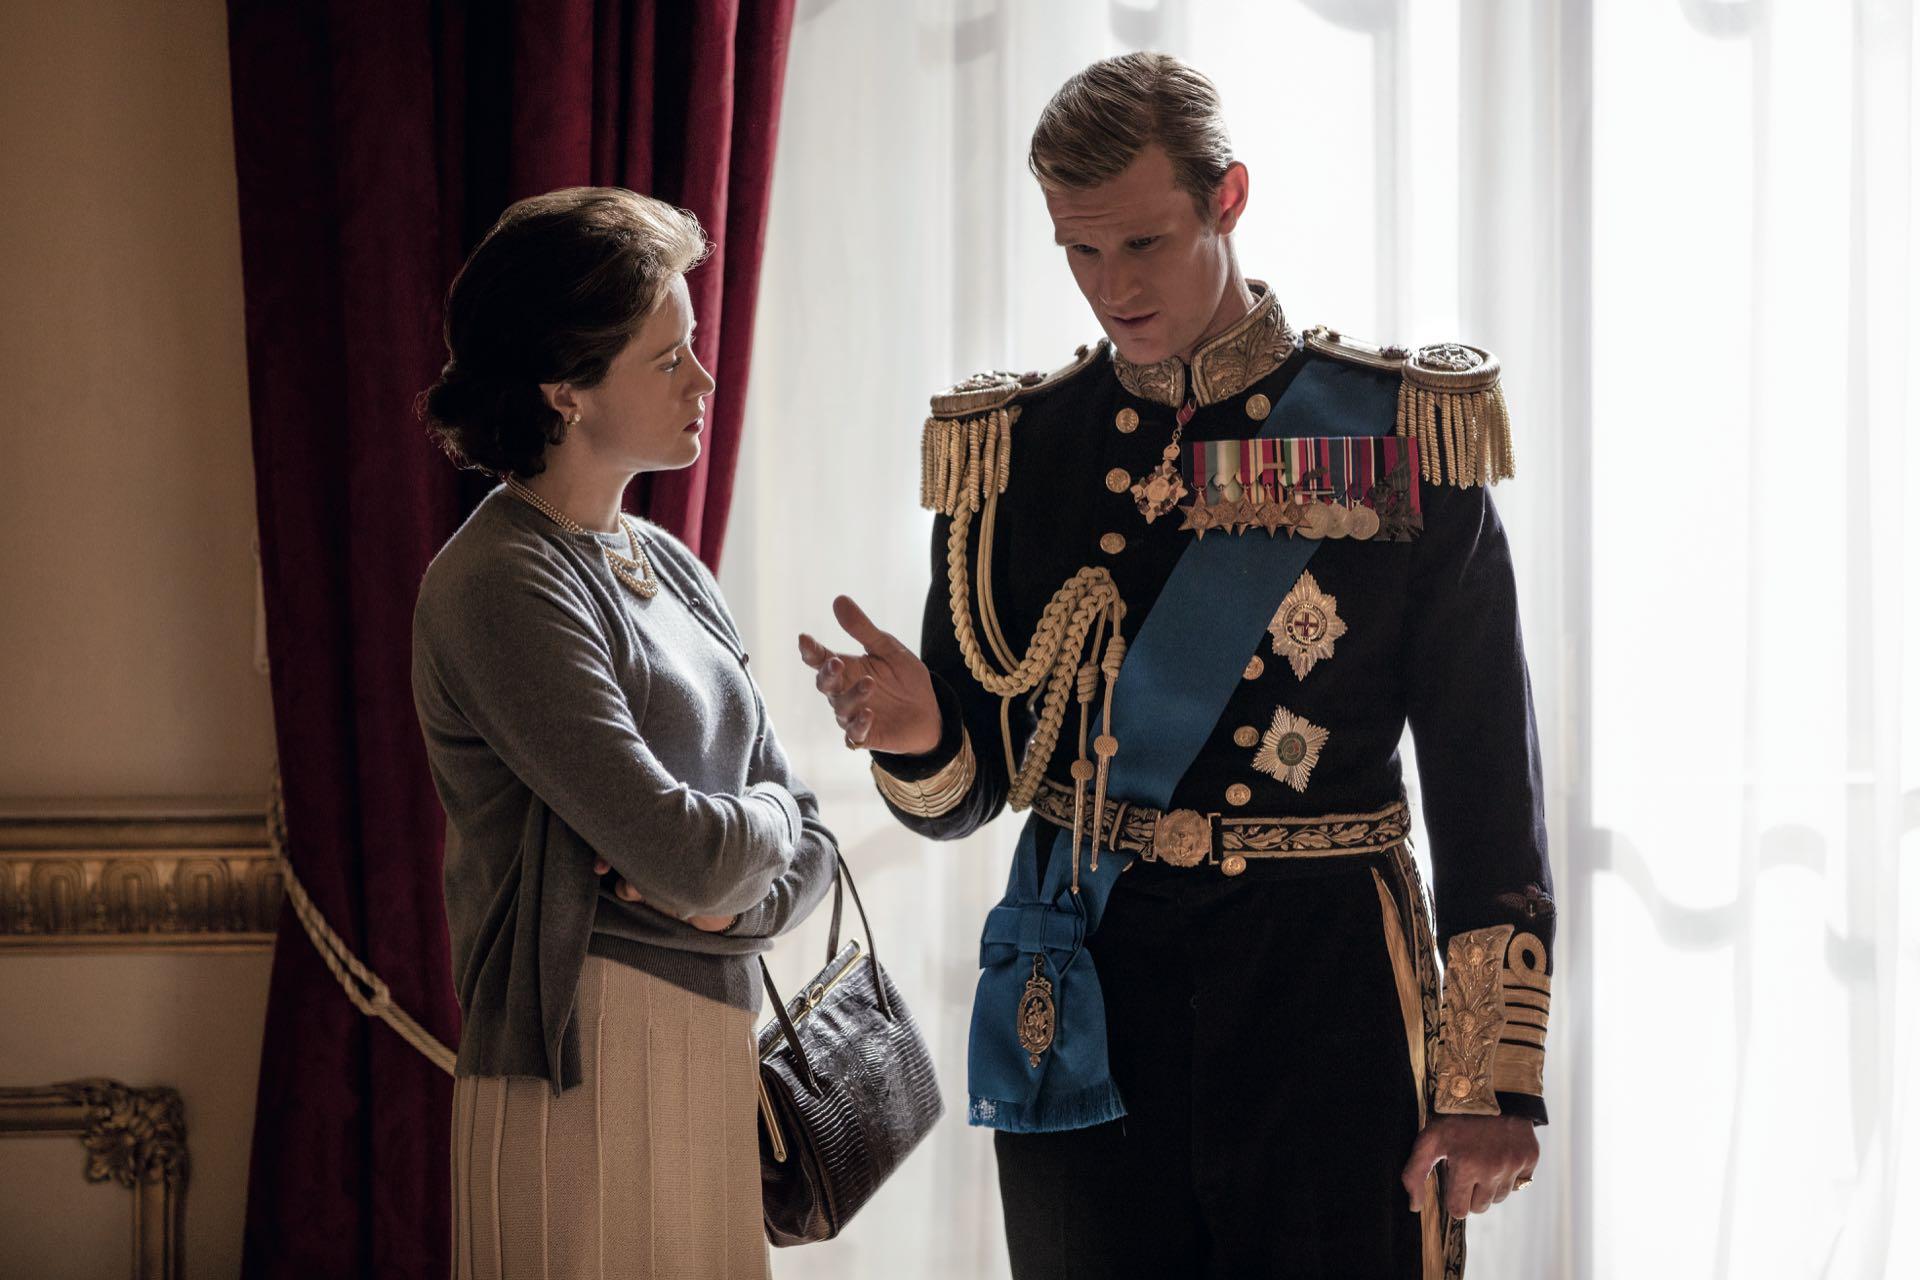 La serie The Crown, de Netflix, retrata la vida de la reina Isabel II del Reino Unido (91), interpretada por Claire Foy. Son casi siete décadas de matrimonio con el príncipe Felipe de Edimburgo (95), interpretado por Matt Smith.